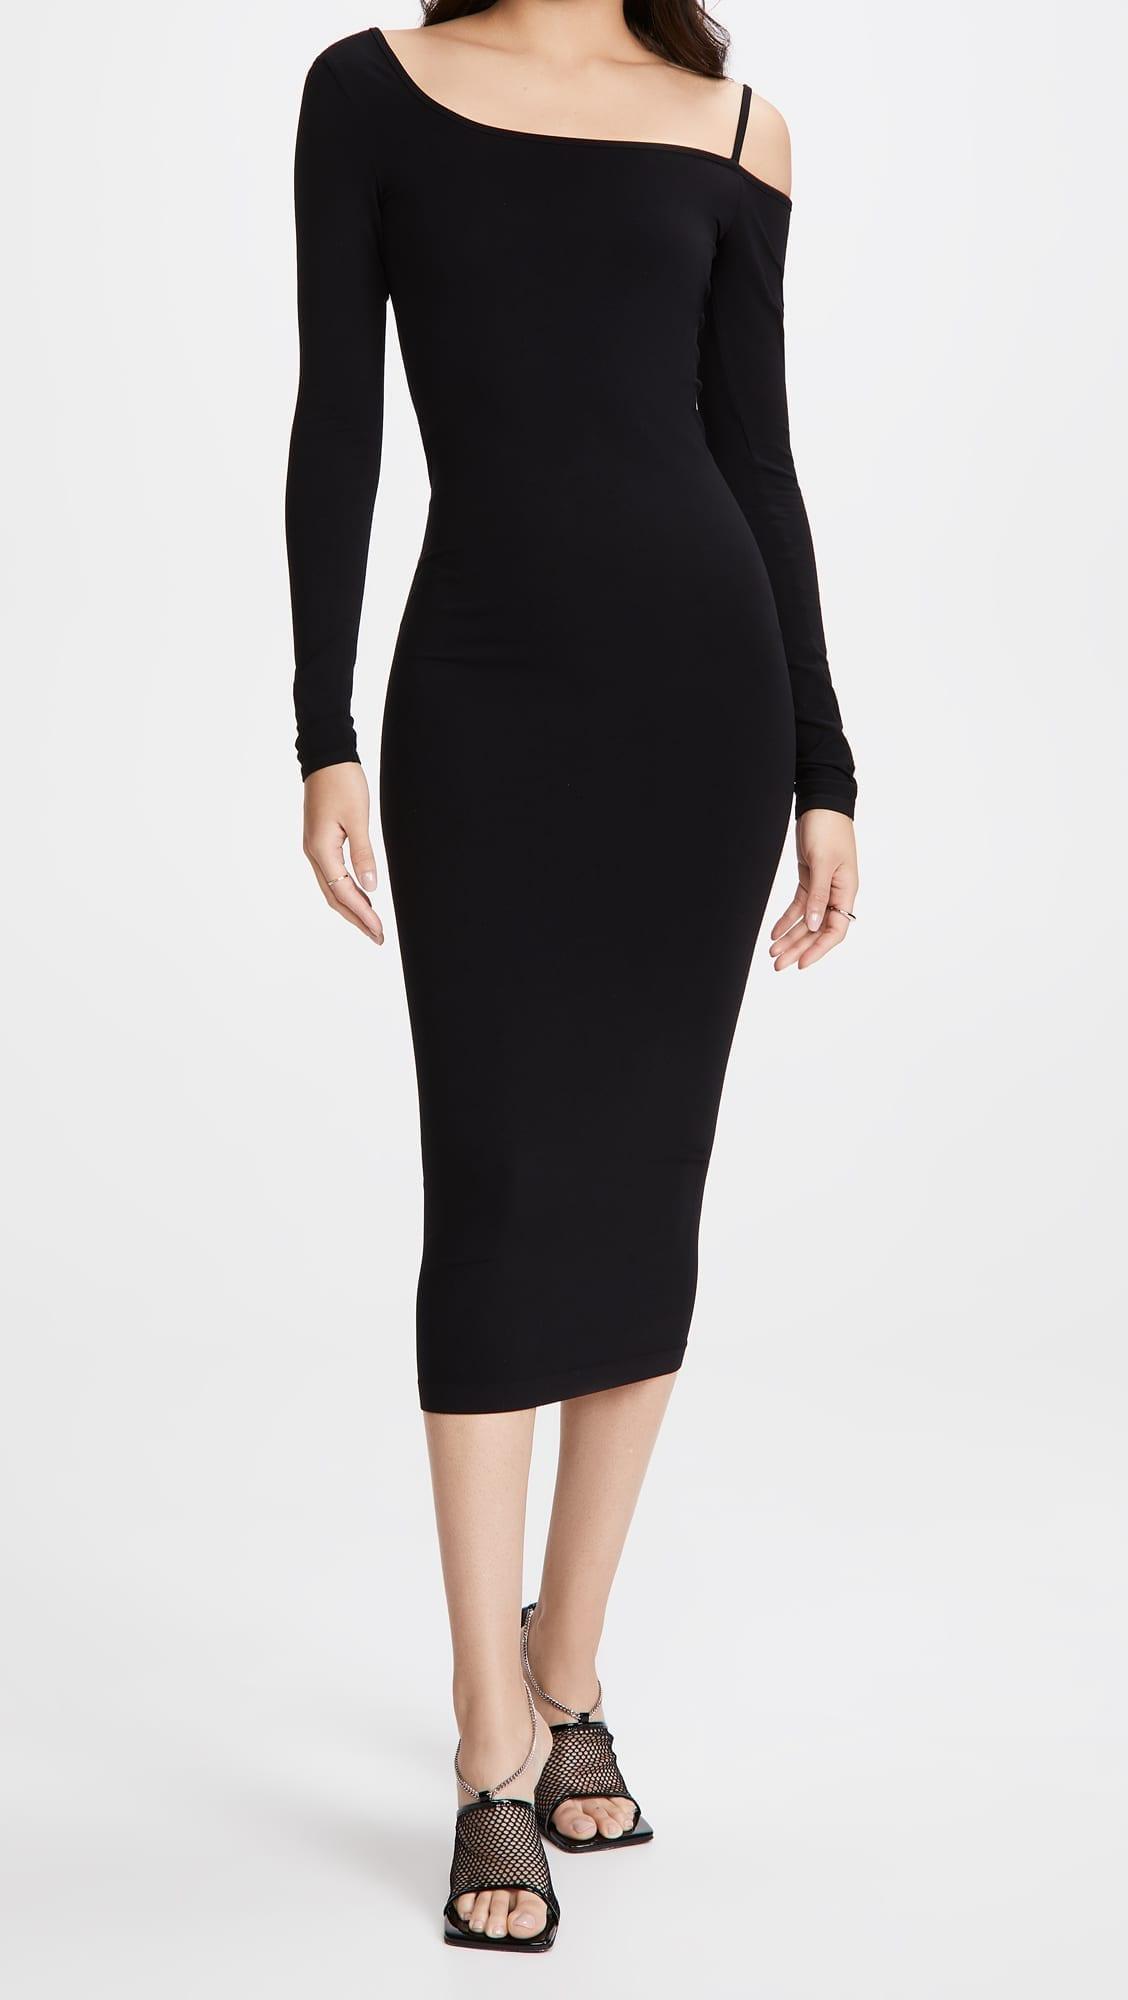 HELMUT LANG One Shoulder Dress